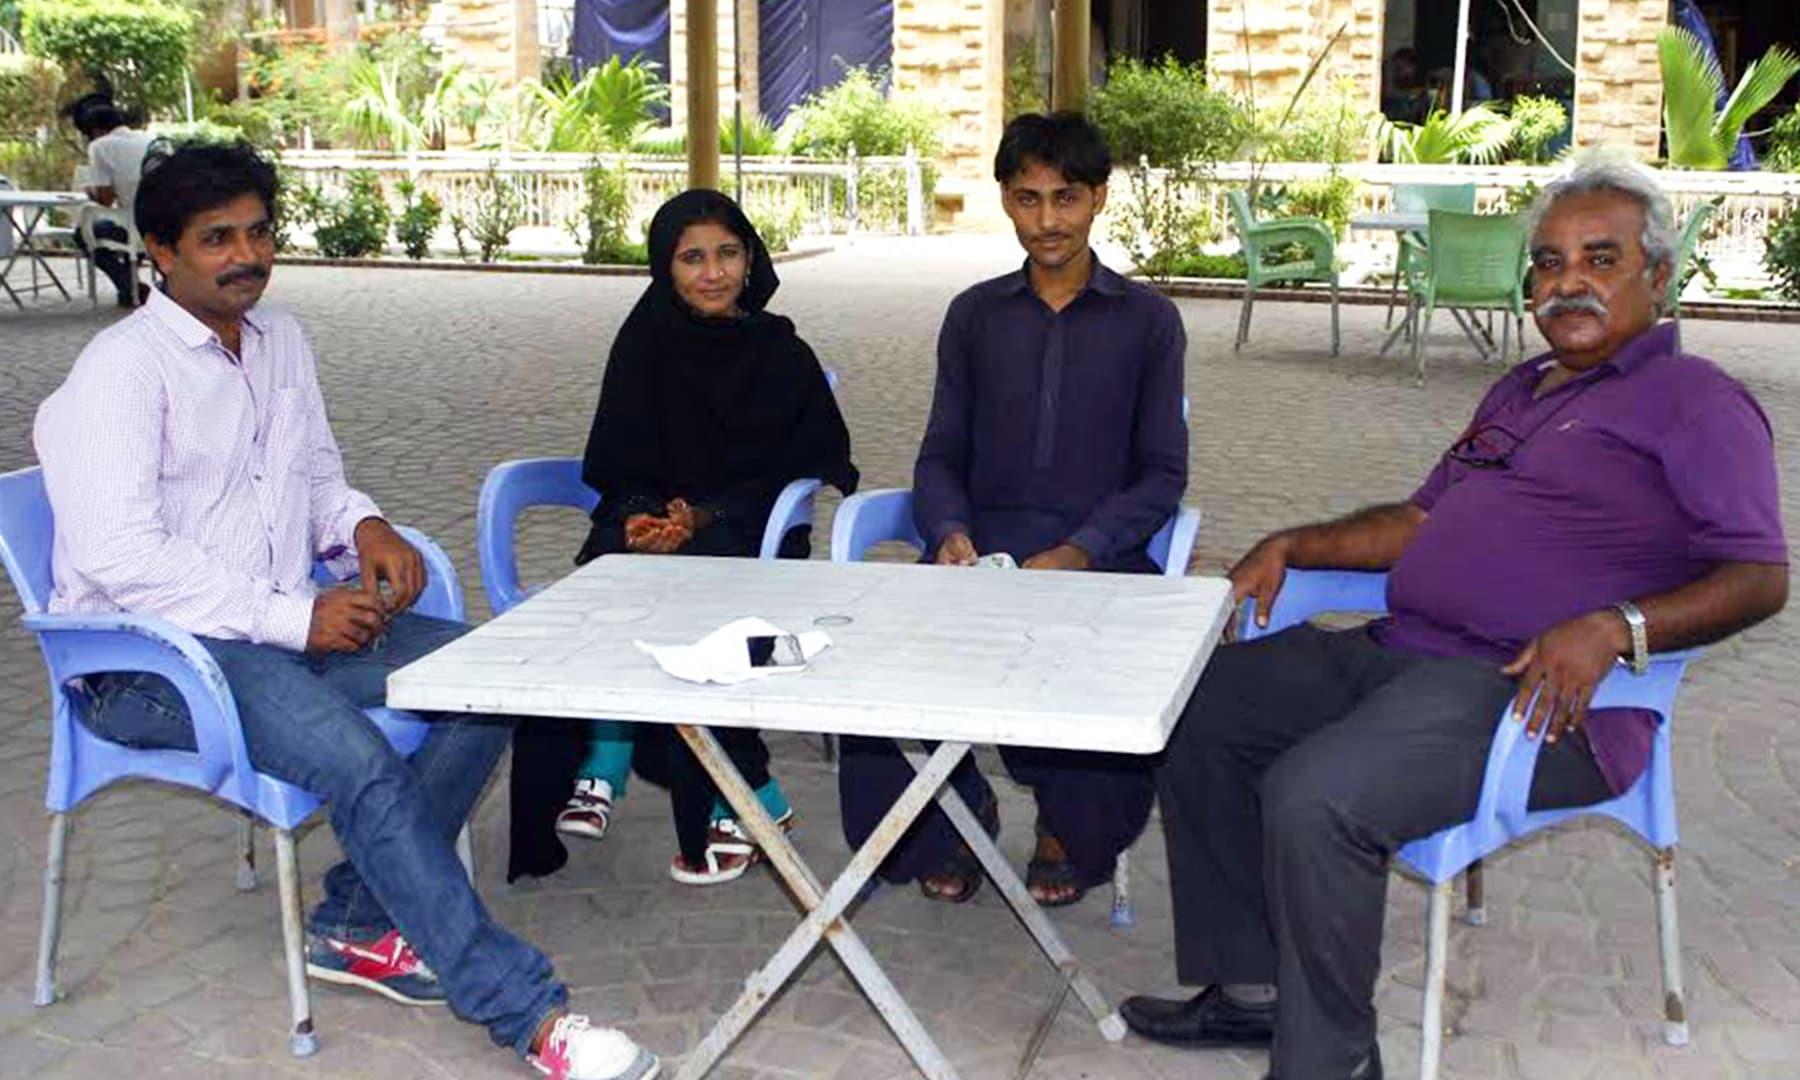 (دائیں سے بائیں) اختر بلوچ، کرشن بھیل، رانی کولہی، اسلم سولنگی — تصویر عمانوئیل گڈو